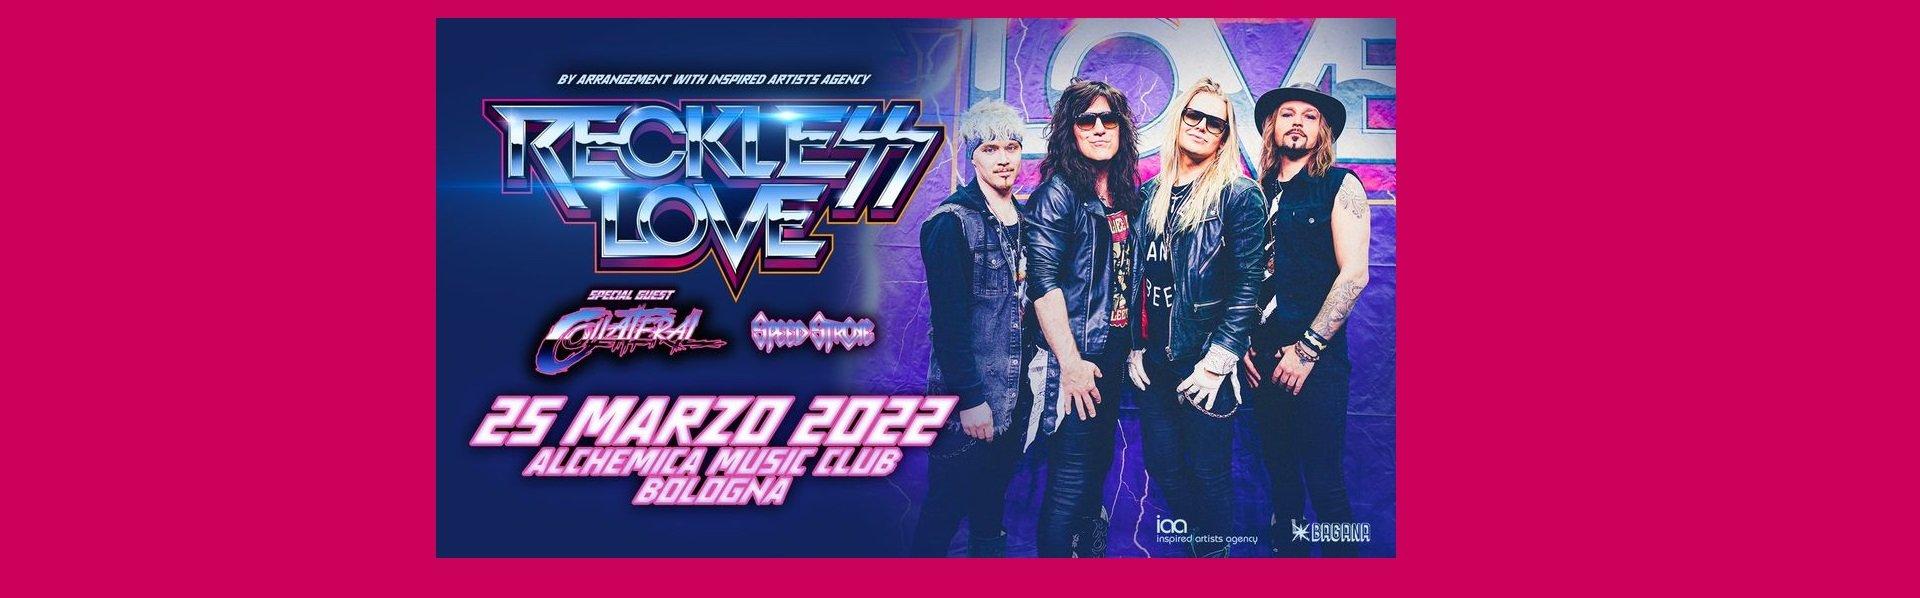 Reckless Love live Alchemica Bologna 25 marzo 2022 biglietti mailticket